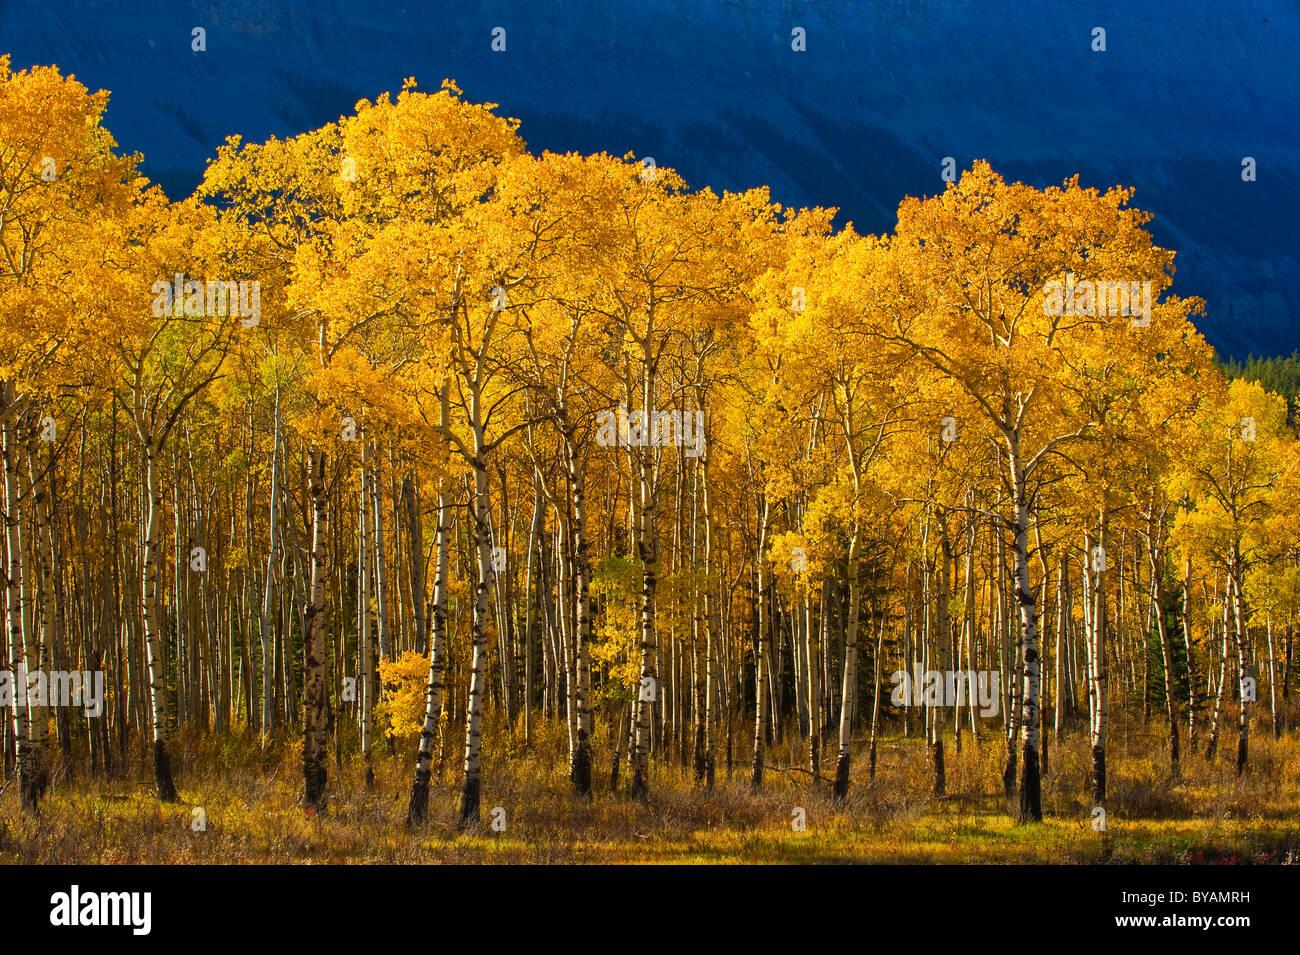 Un cavalletto di aspen alberi con foglie girato il giallo oro di autunno Immagini Stock